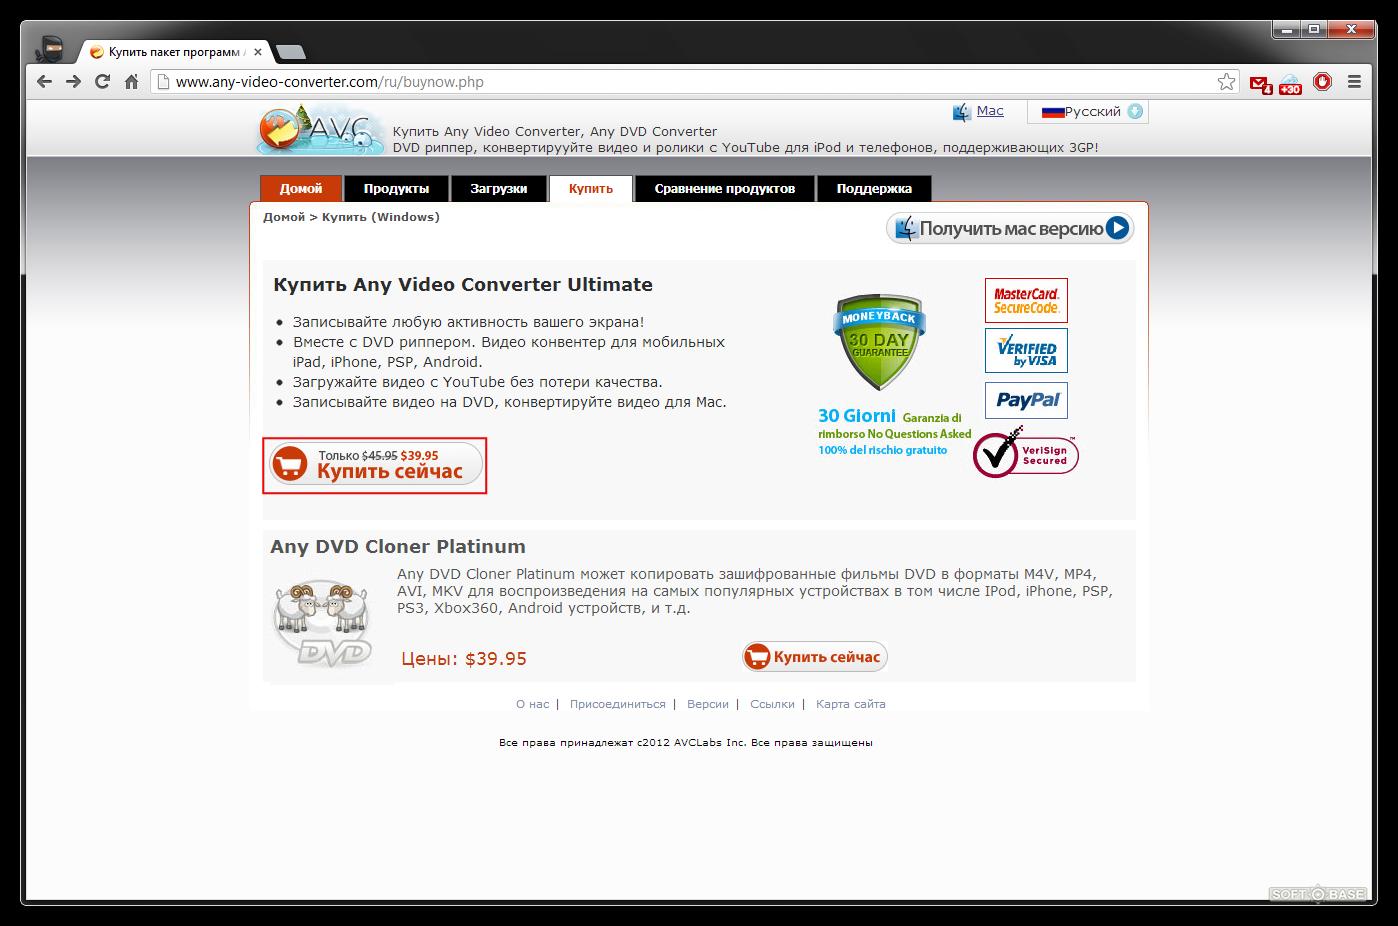 Для получения ключа необходимо приобрести программу на официальном сайте An